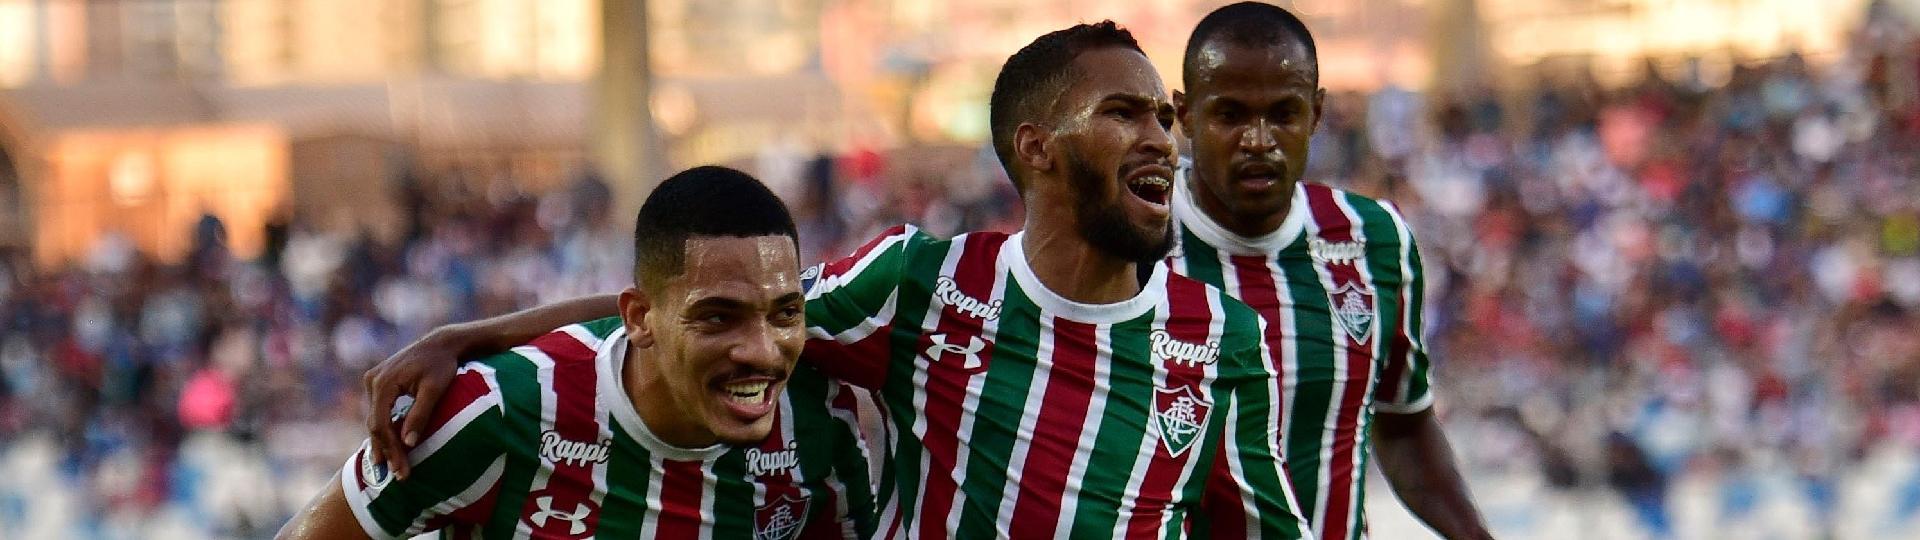 Everaldo comemora gol do Fluminense contra o Antofagasta